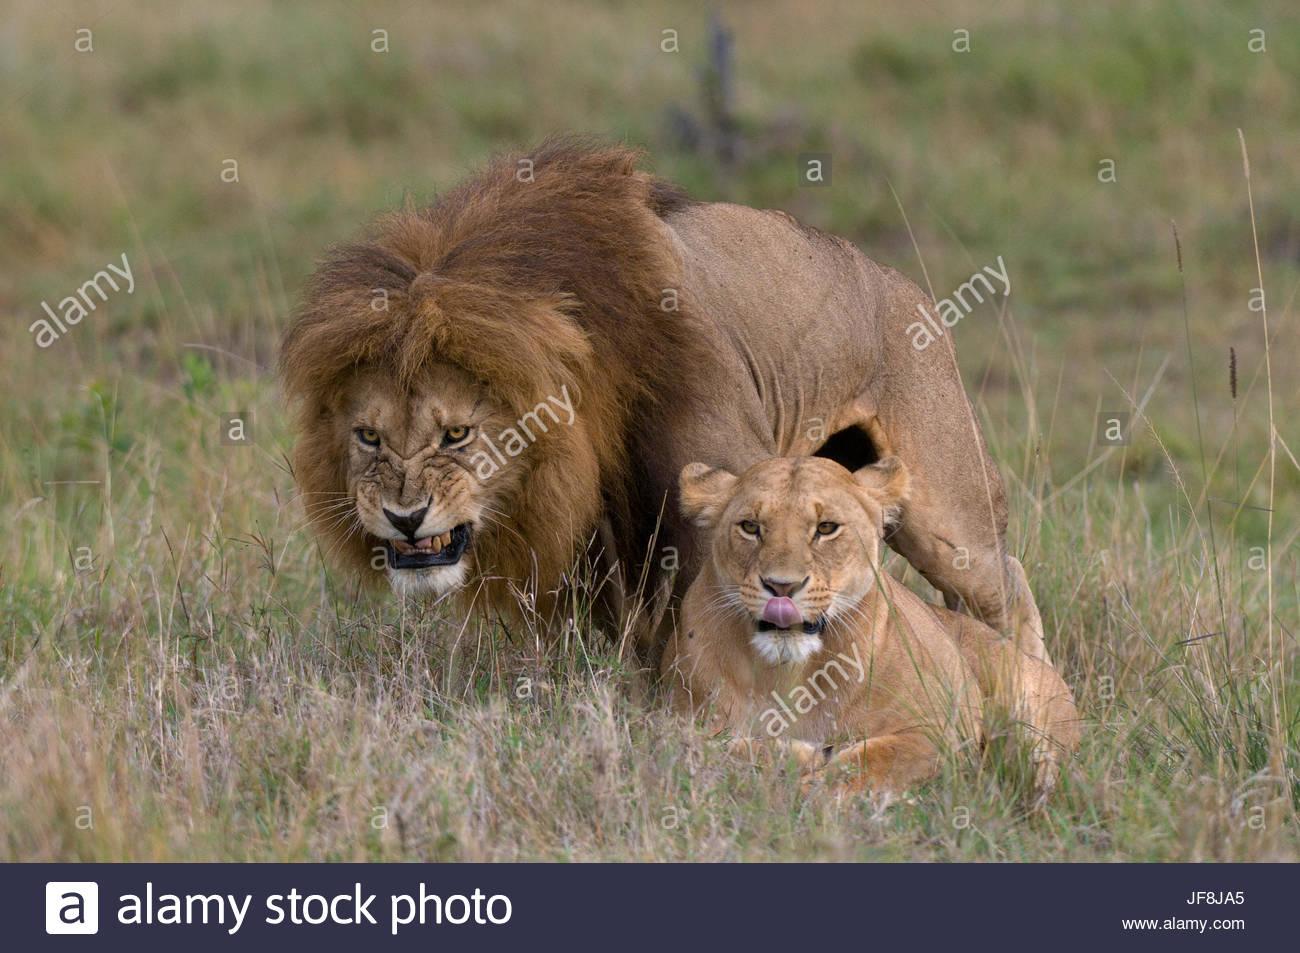 Un homme lion, Panthera leo, grognements qu'il s'accouple avec une femelle 2222 ci-dessous. Photo Stock